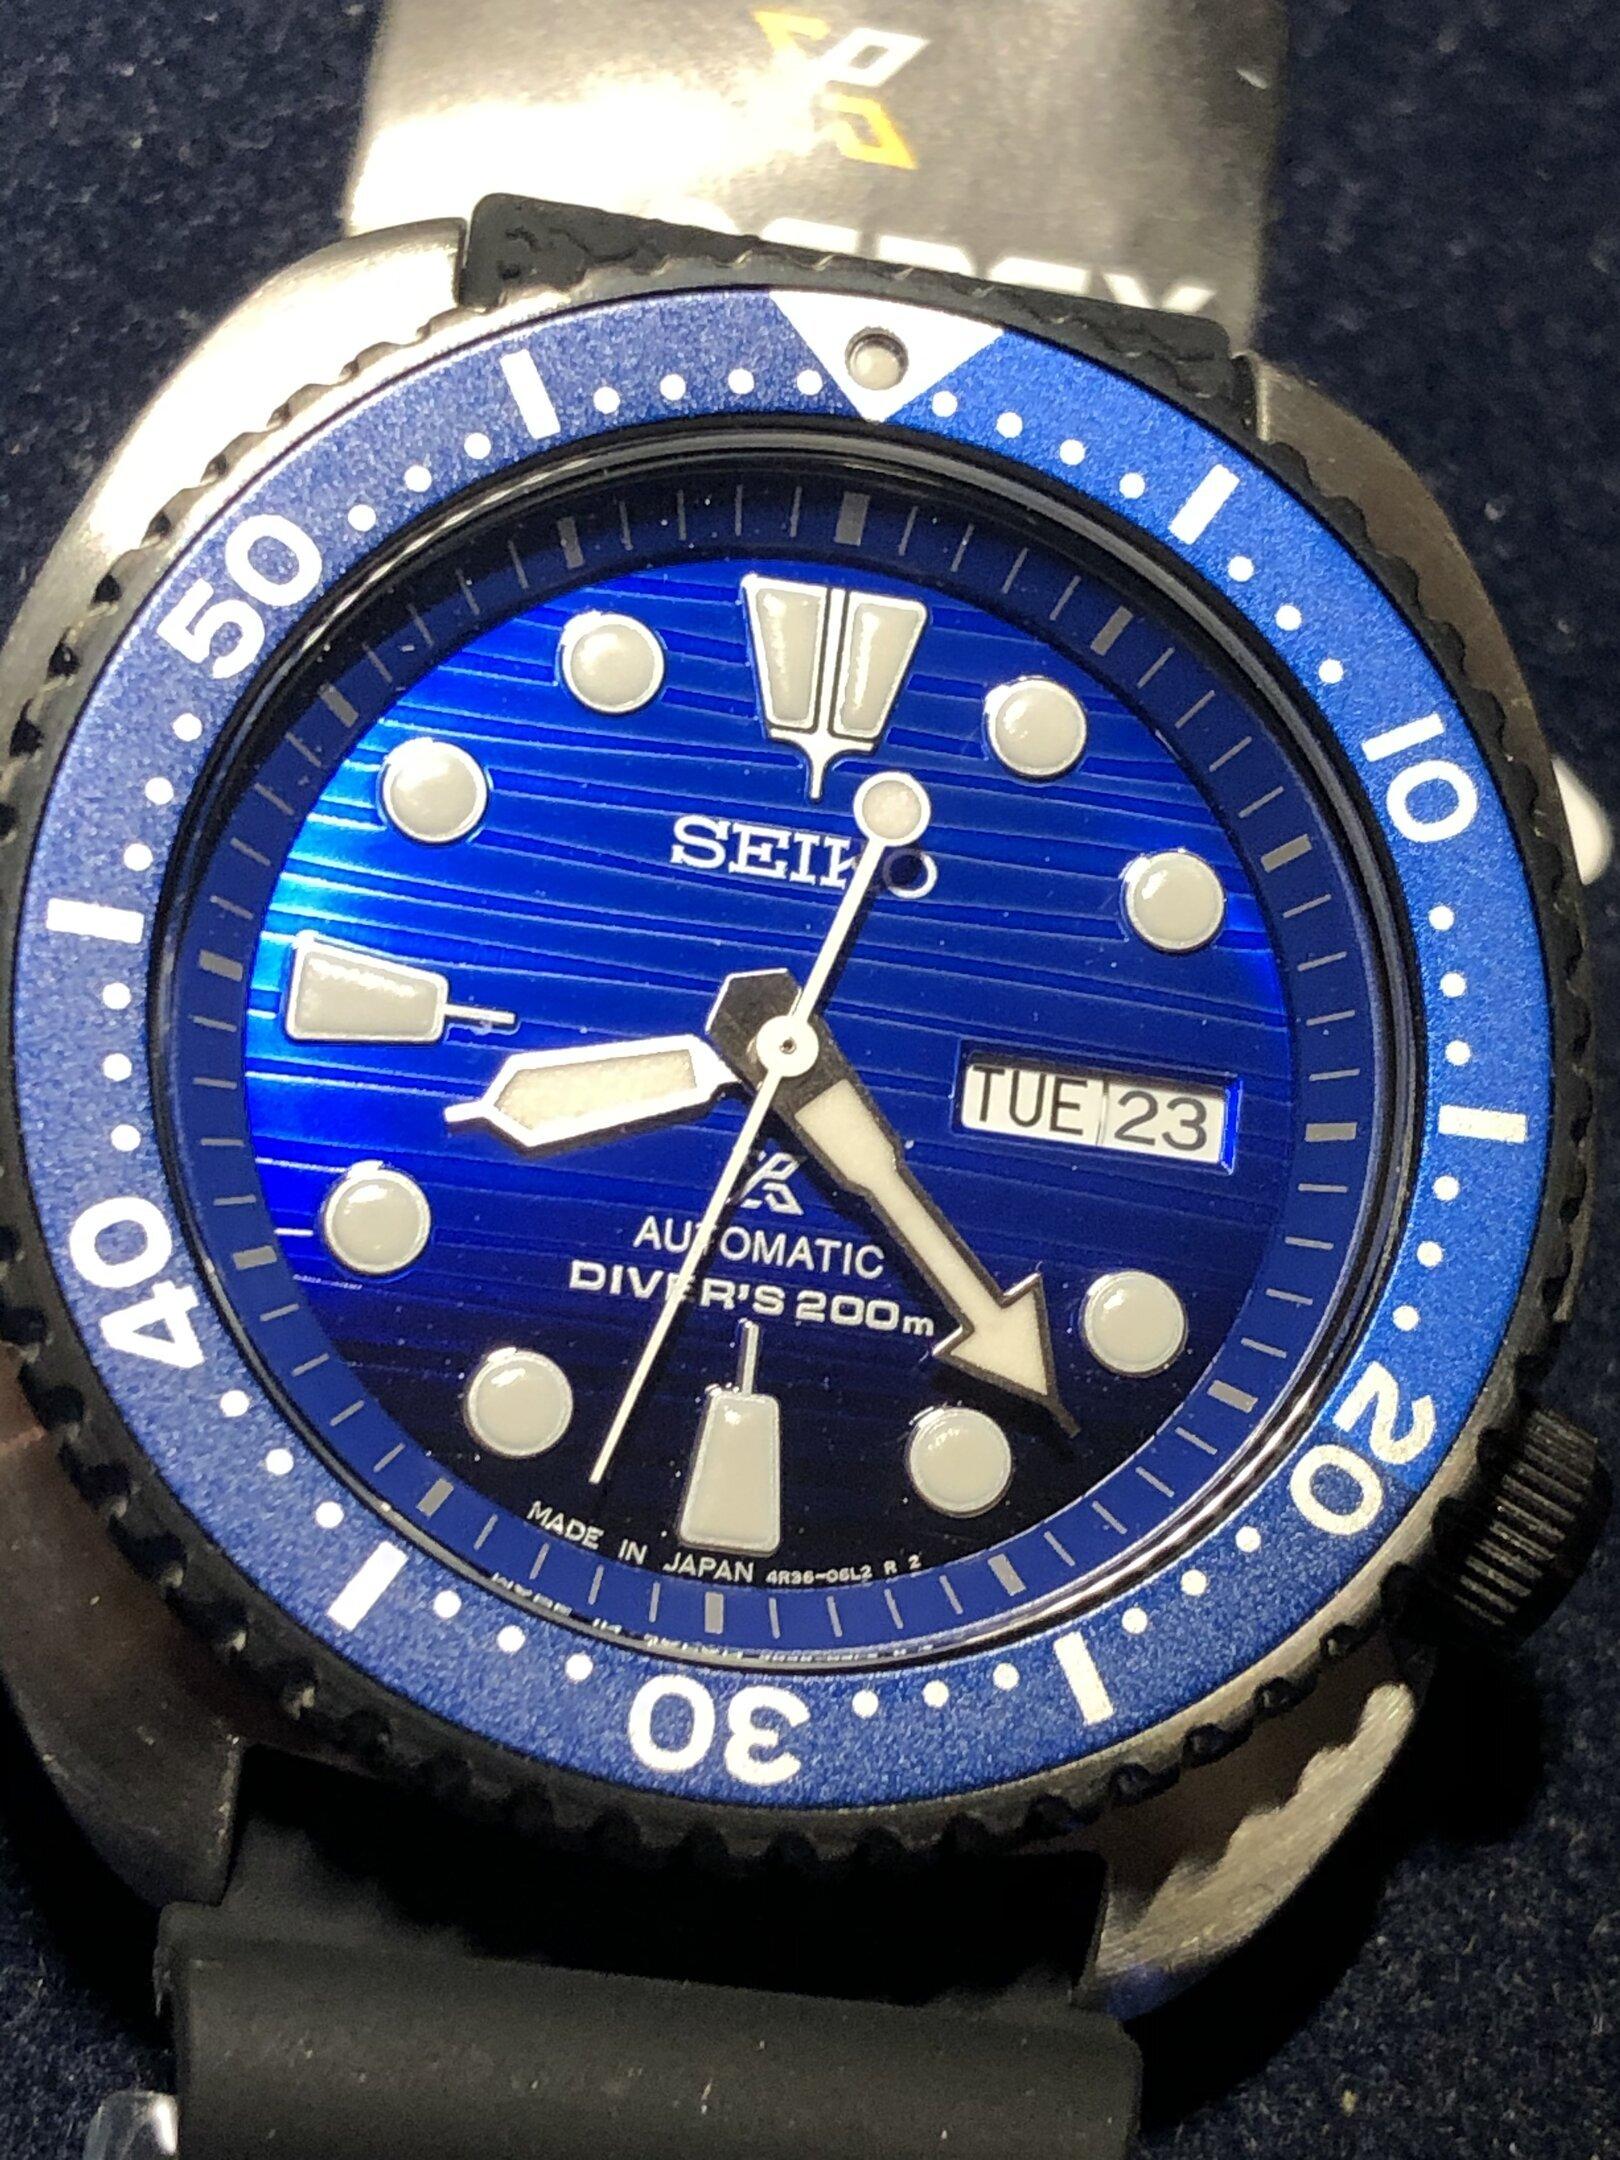 6F8E8451-9D84-459F-95FA-2988AF935AD8.